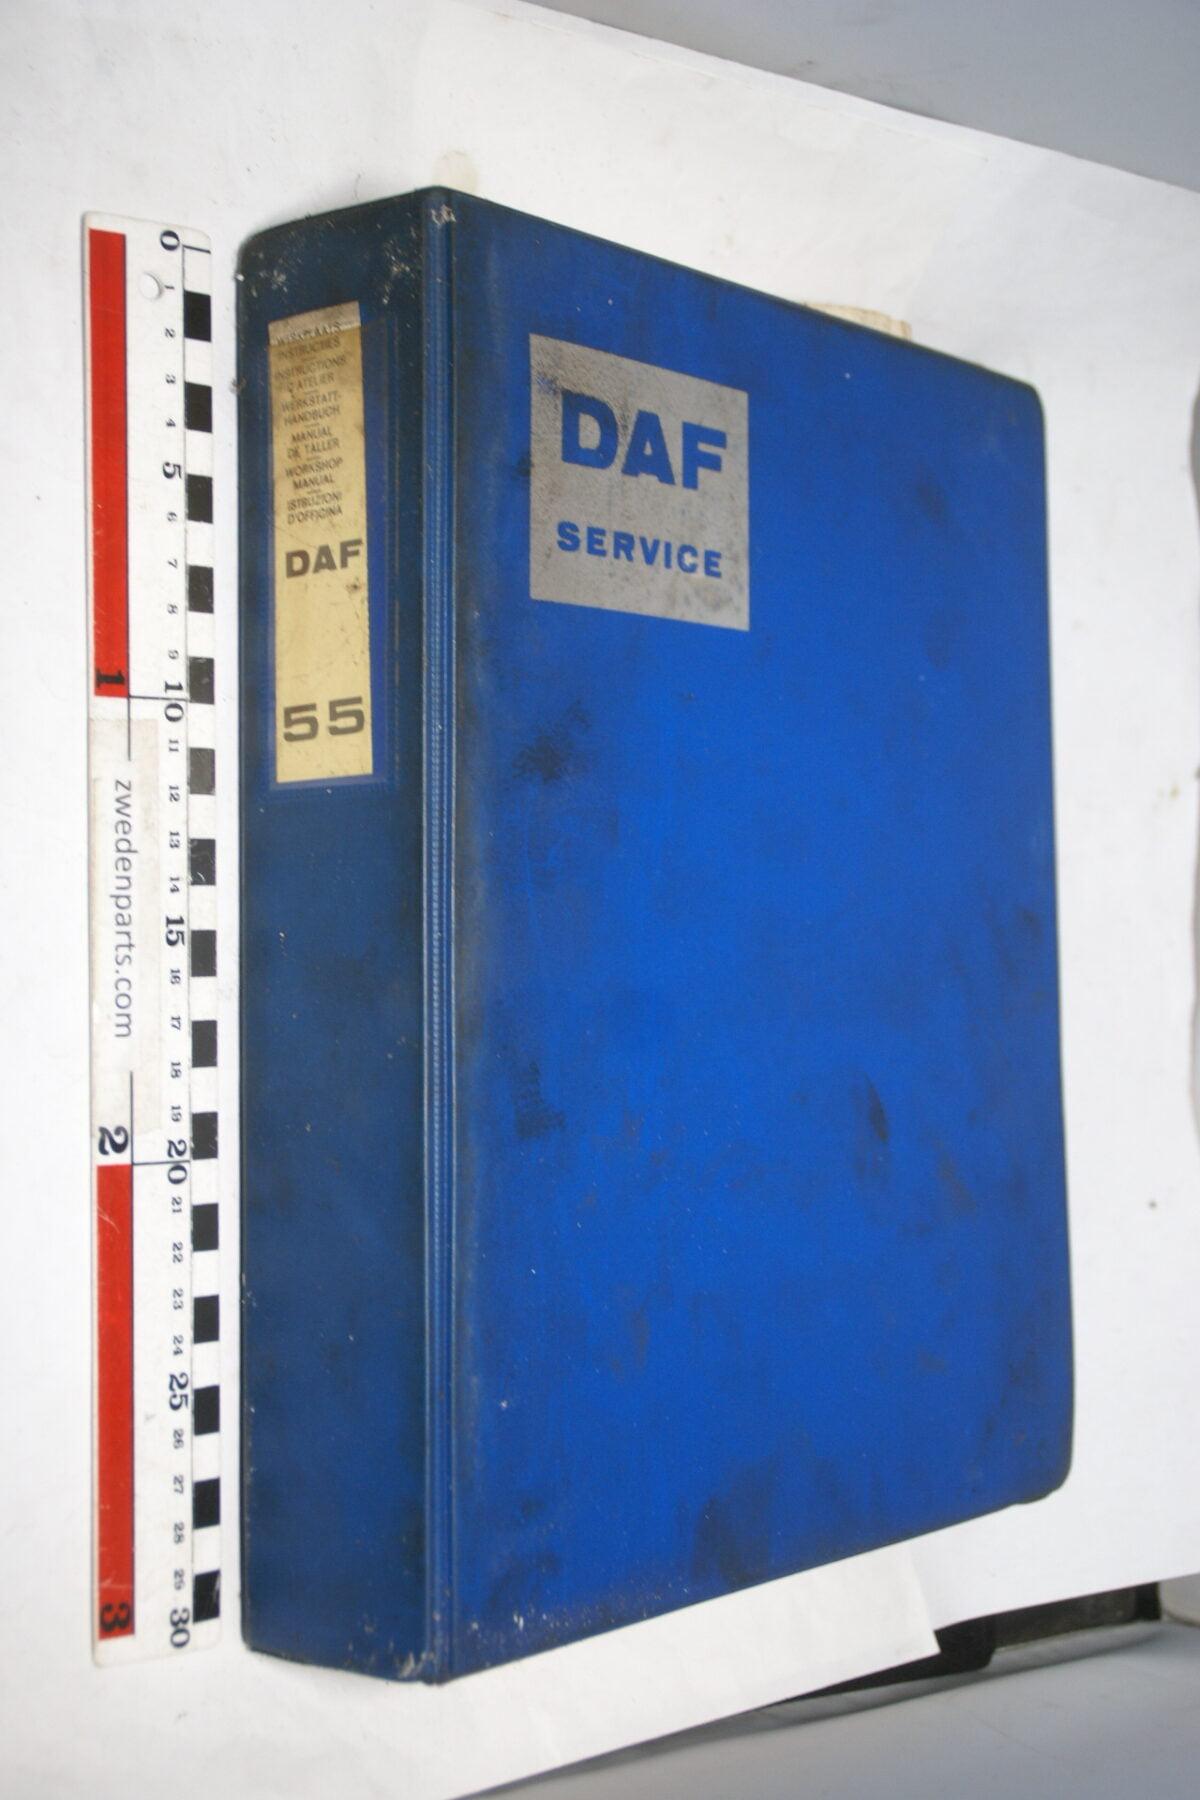 DSC01288 origineel DAF 55 werkplaatshandboek-f85cfb46